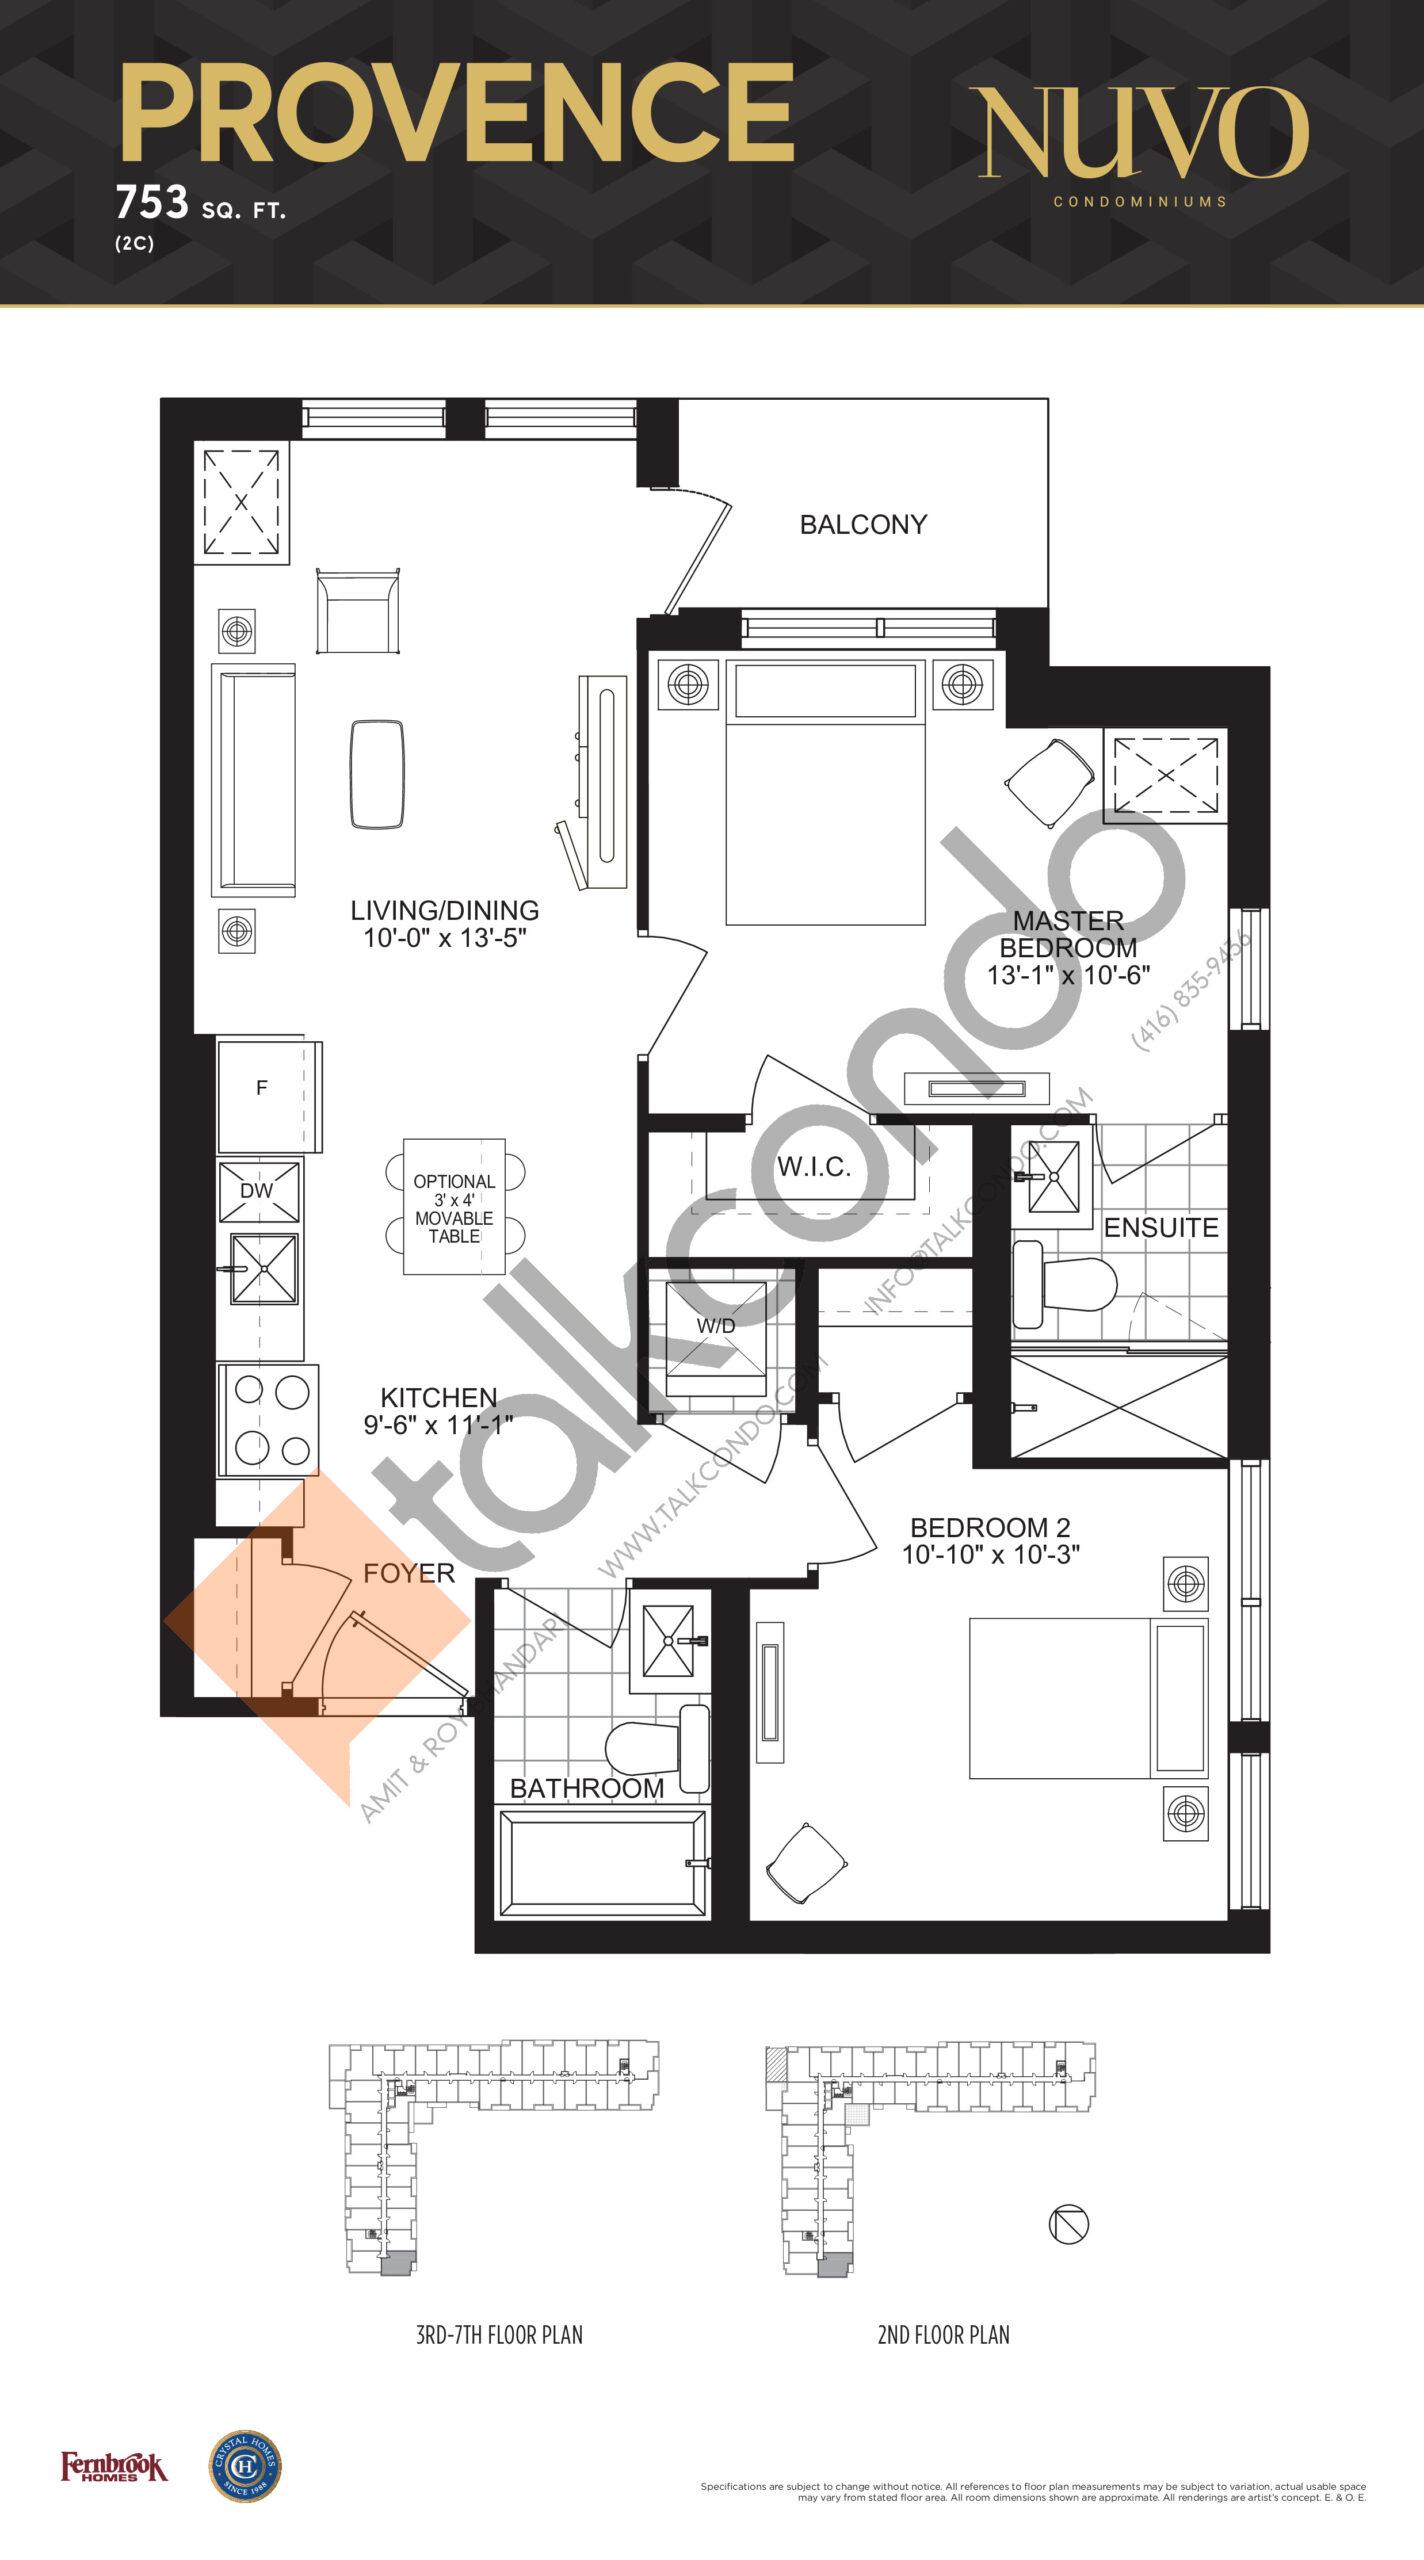 Provence Floor Plan at Nuvo Condos - 753 sq.ft